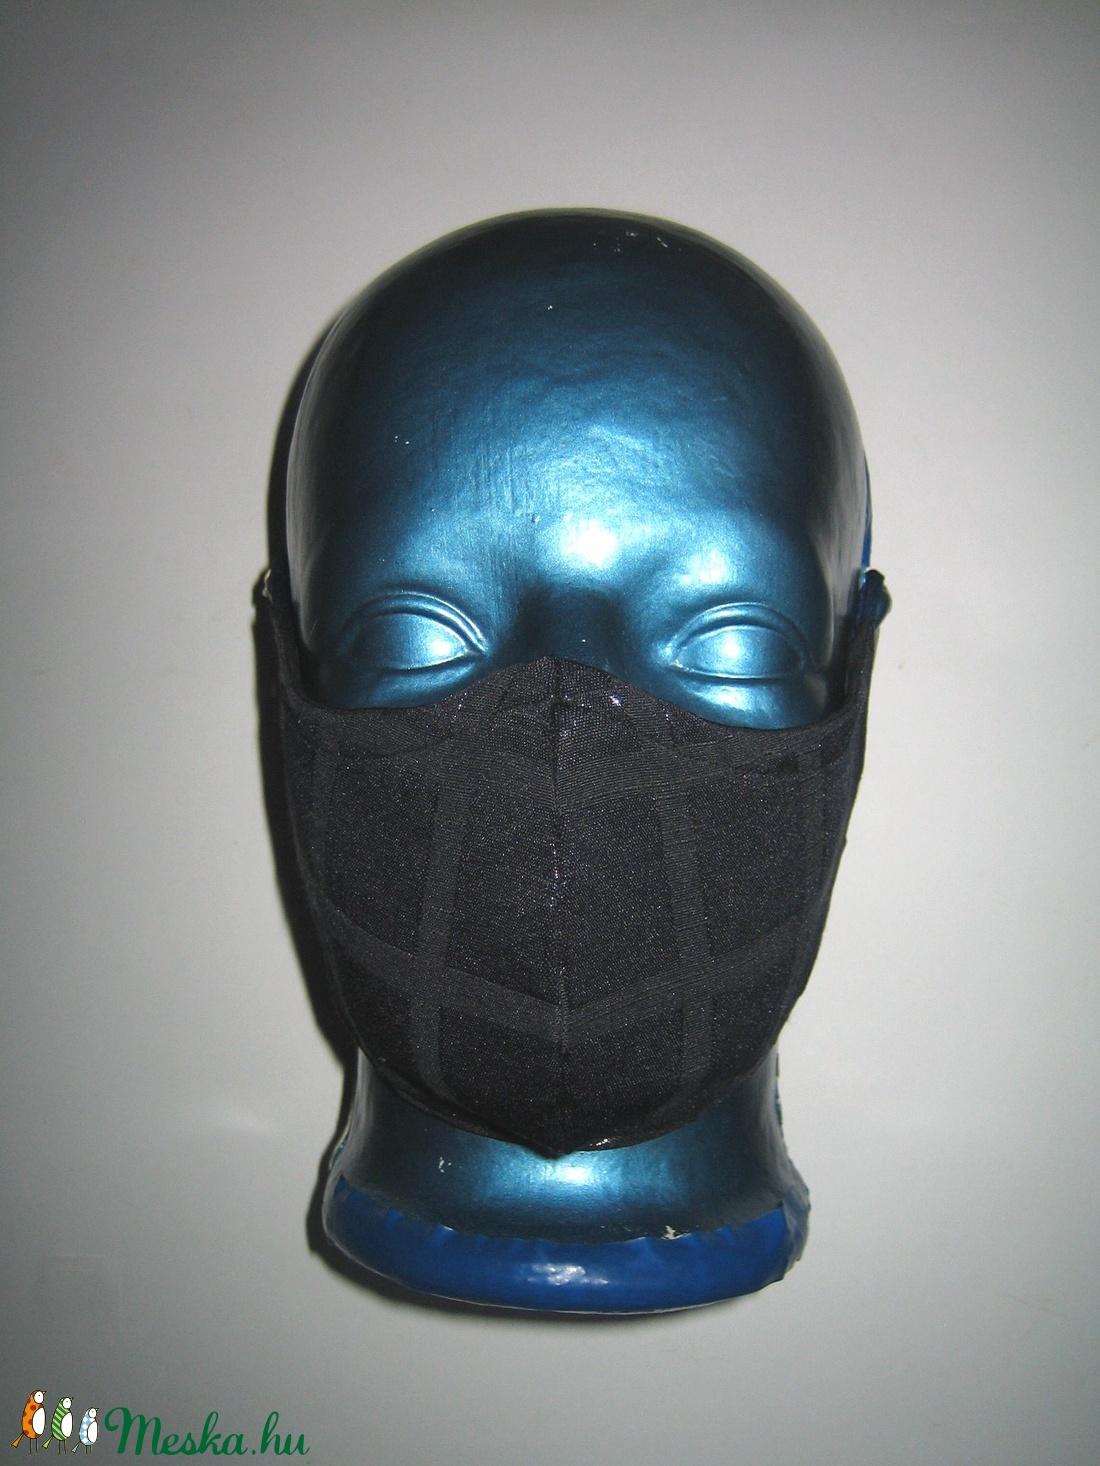 Elegáns szájmaszk fülre akasztható arcmaszk 2in1 textil maszk sötétkék kockás - maszk, arcmaszk - női - Meska.hu